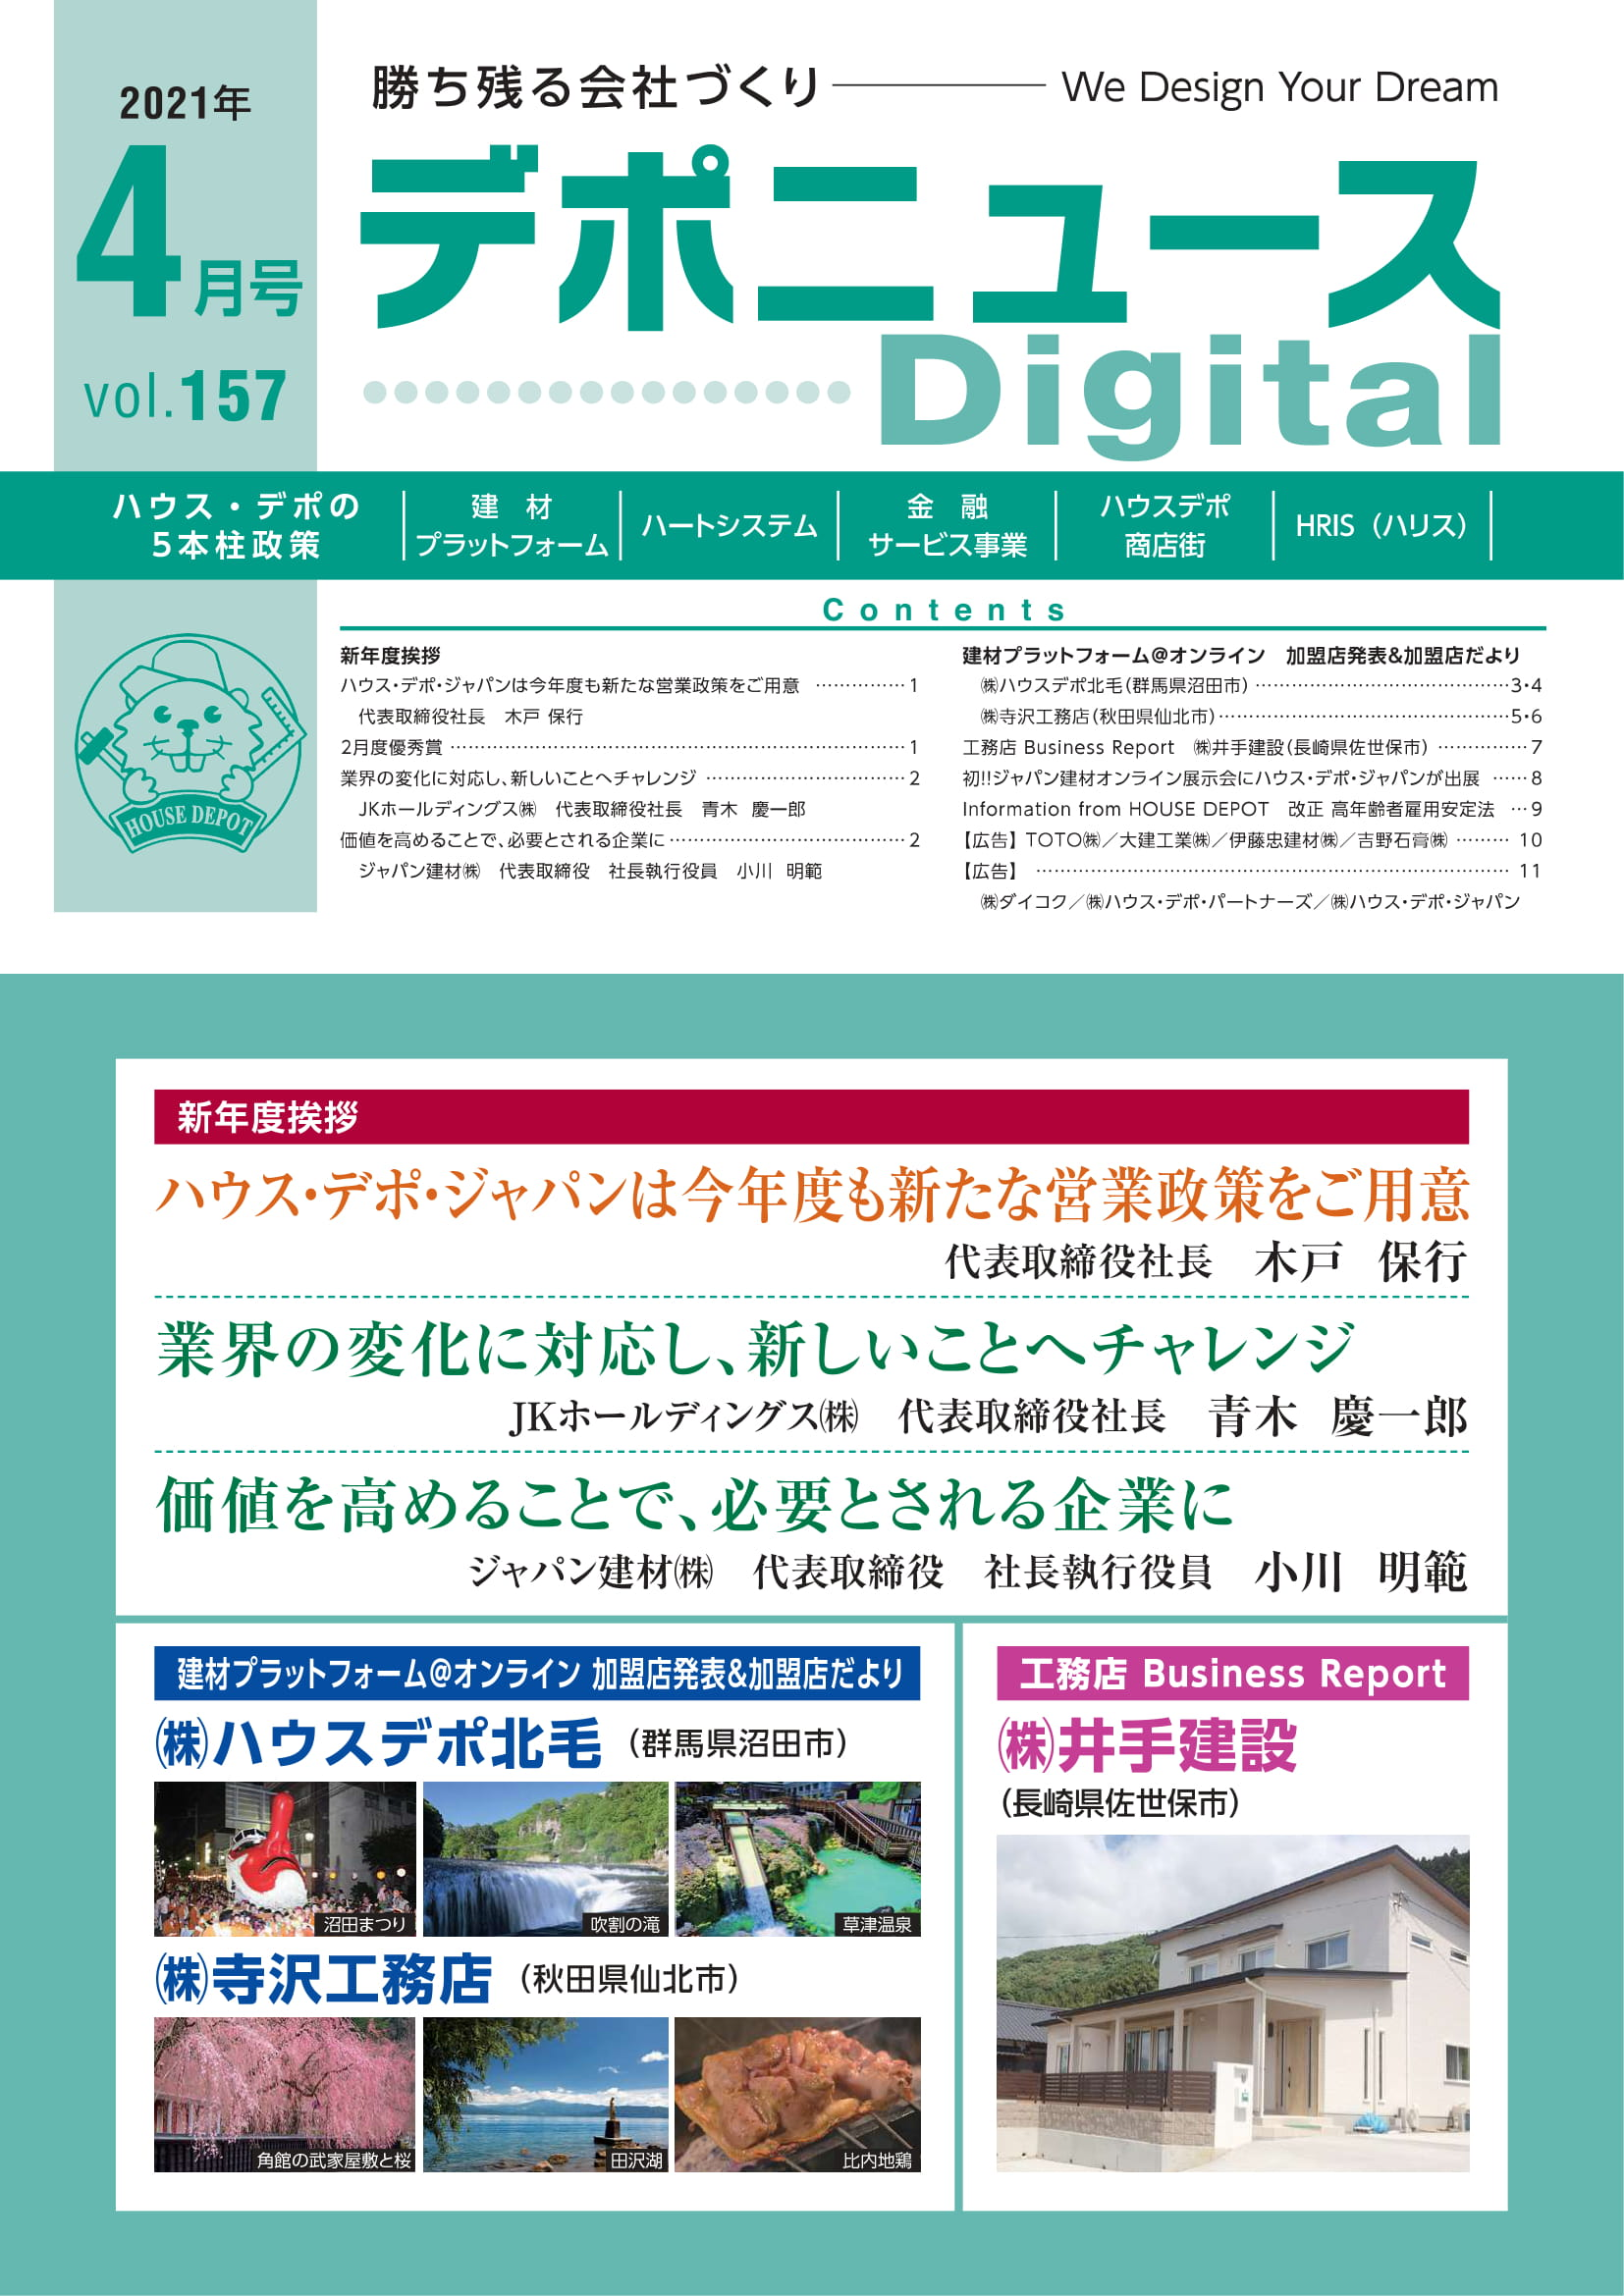 デポニュースDIGITAL Vol.157